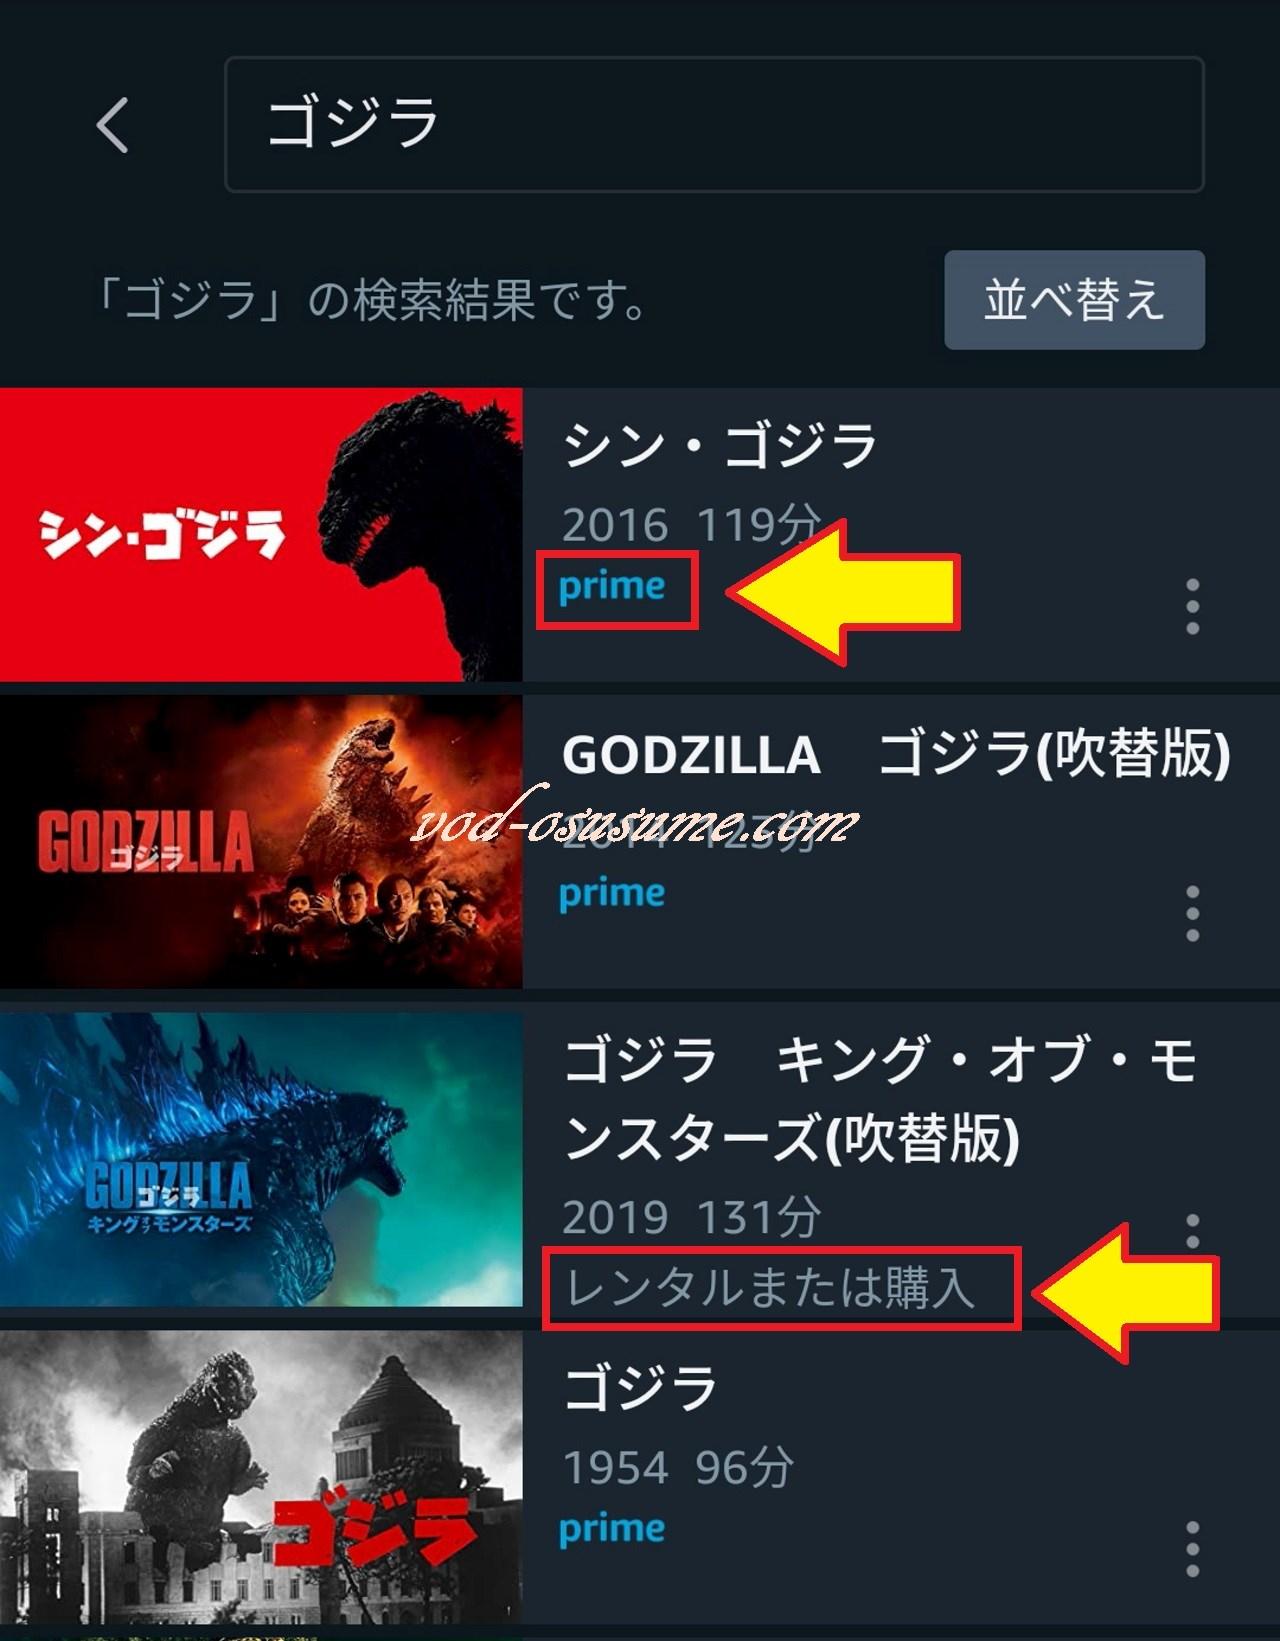 プライムビデオアプリでゴジラを検索